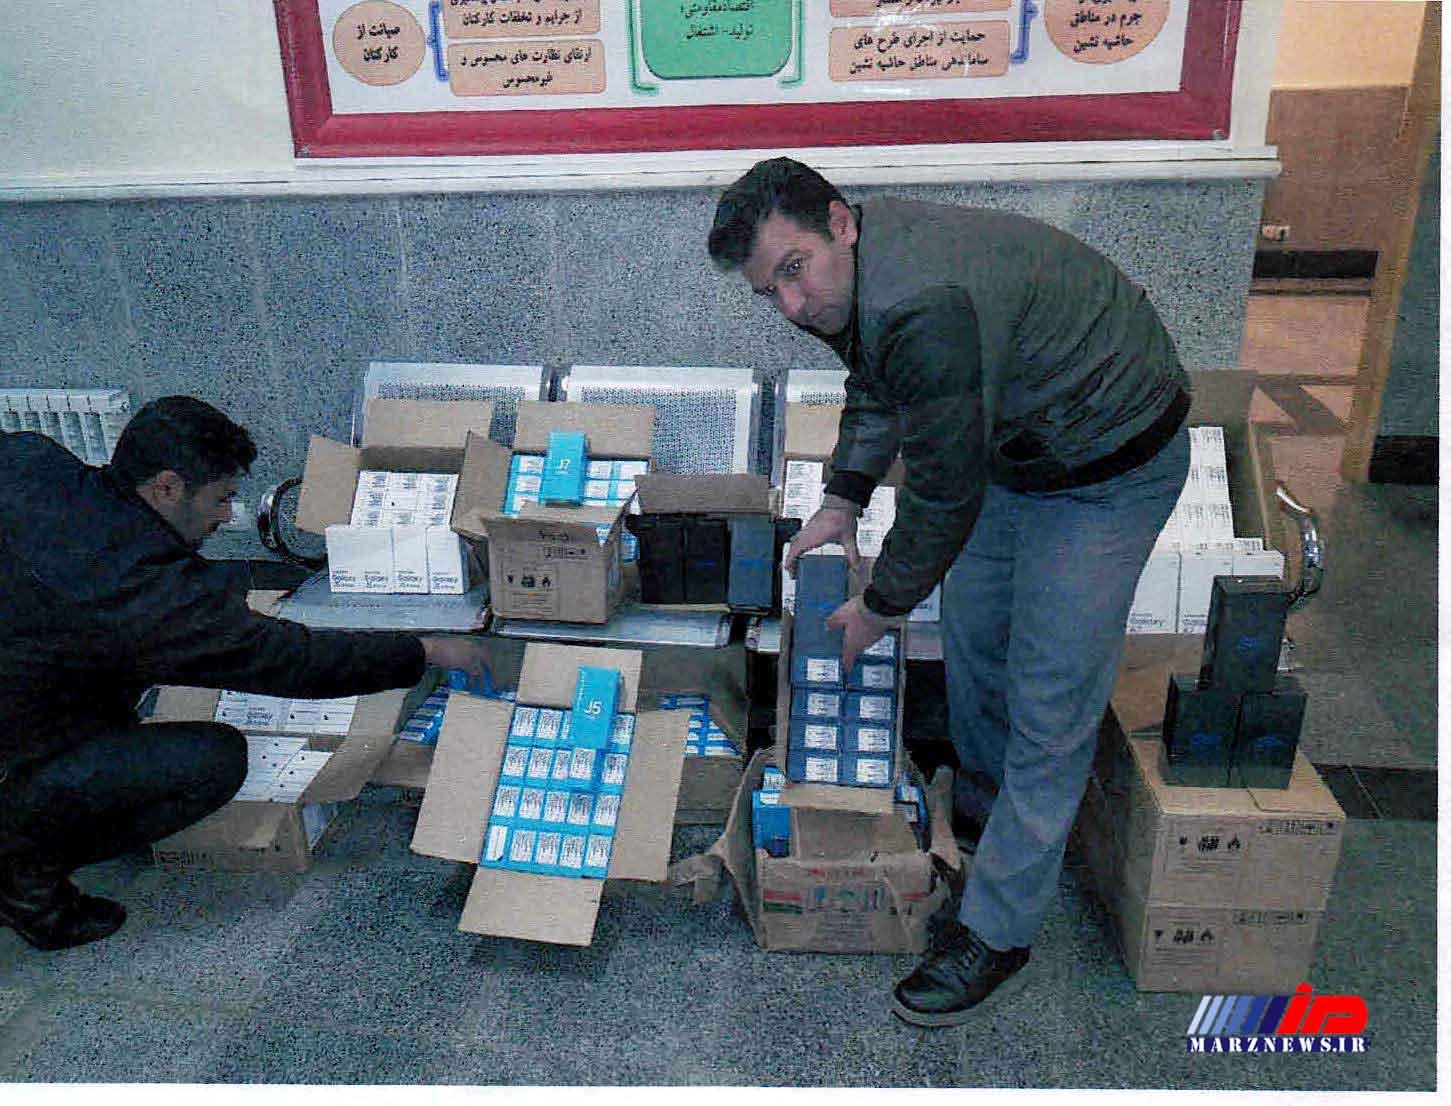 کشف محموله قاچاق تلفن همراه در کرمانشاه